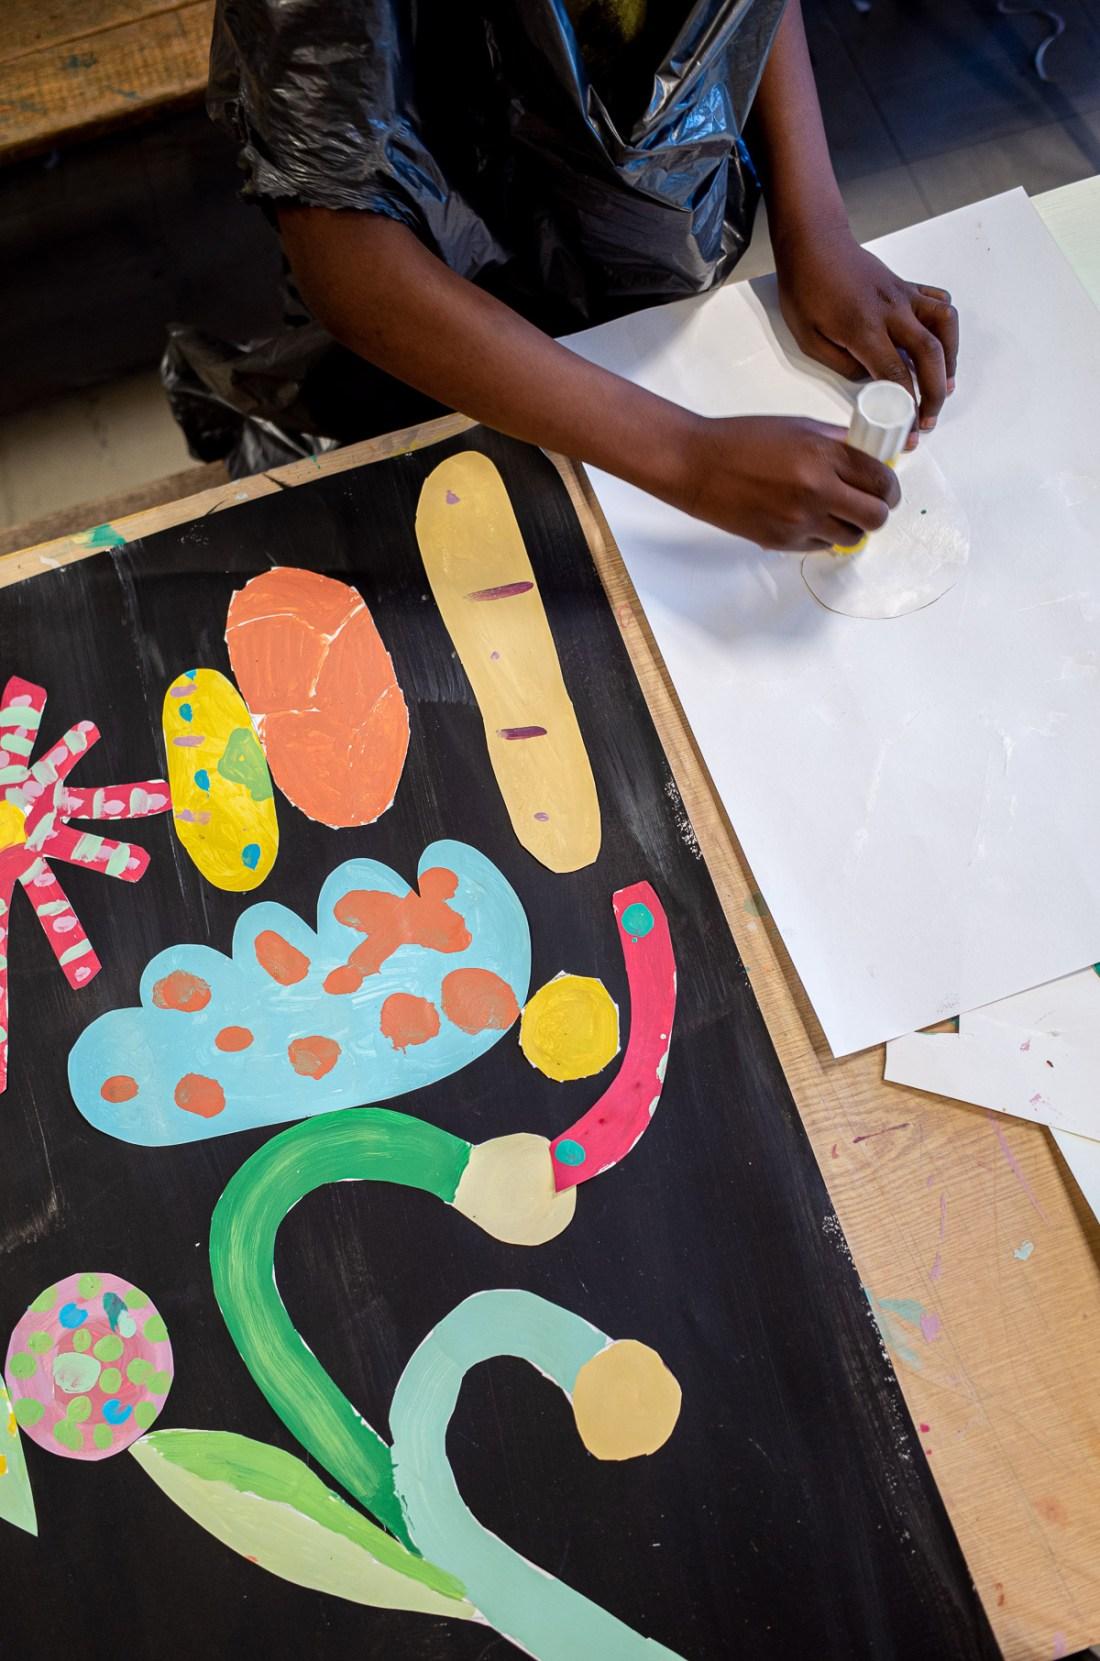 Photo d'un atelier créatif donné par Cécile Jaillard à l'école élémentaire Alésia, dans le 14e arrondissement de Paris. Les enfants ont aussi fait du collage.